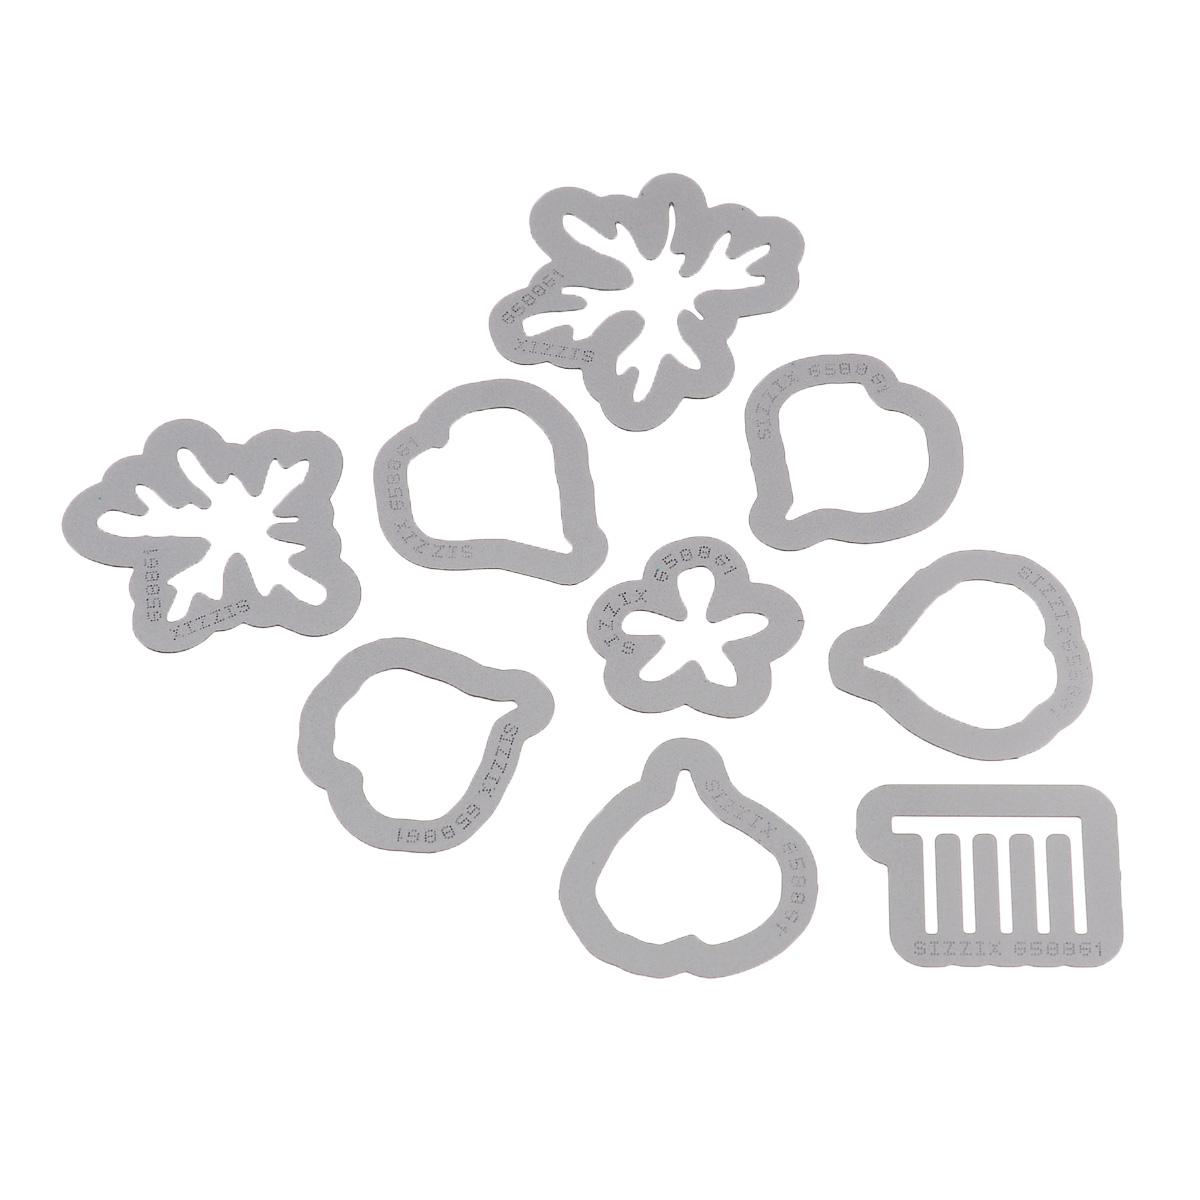 Форма для вырубки Sizzix Цветок. Герань, 9 шт658861С помощью форм для вырубки Sizzix Цветок. Герань можно создать фигурку в виде герани. Формы для вырубки - это определенной формы ножи, обеспечивающие форму вырубной фигуры. В комплект входит 9 форм, выполненных из металла в виде составляющих частей цветка. Они режут бумагу, картон и ткань. Формы станут незаменимыми при создании скрап-страничек, открыток и конвертов с резными декоративными фигурками и ажурными украшениями. Формы для вырубки разнообразят вашу работу и добавят вдохновения для новых идей. Формы подходят для машинки для вырубки. Средний размер форм: 2,5 см х 2,9 см. Комплектация: 9 шт.